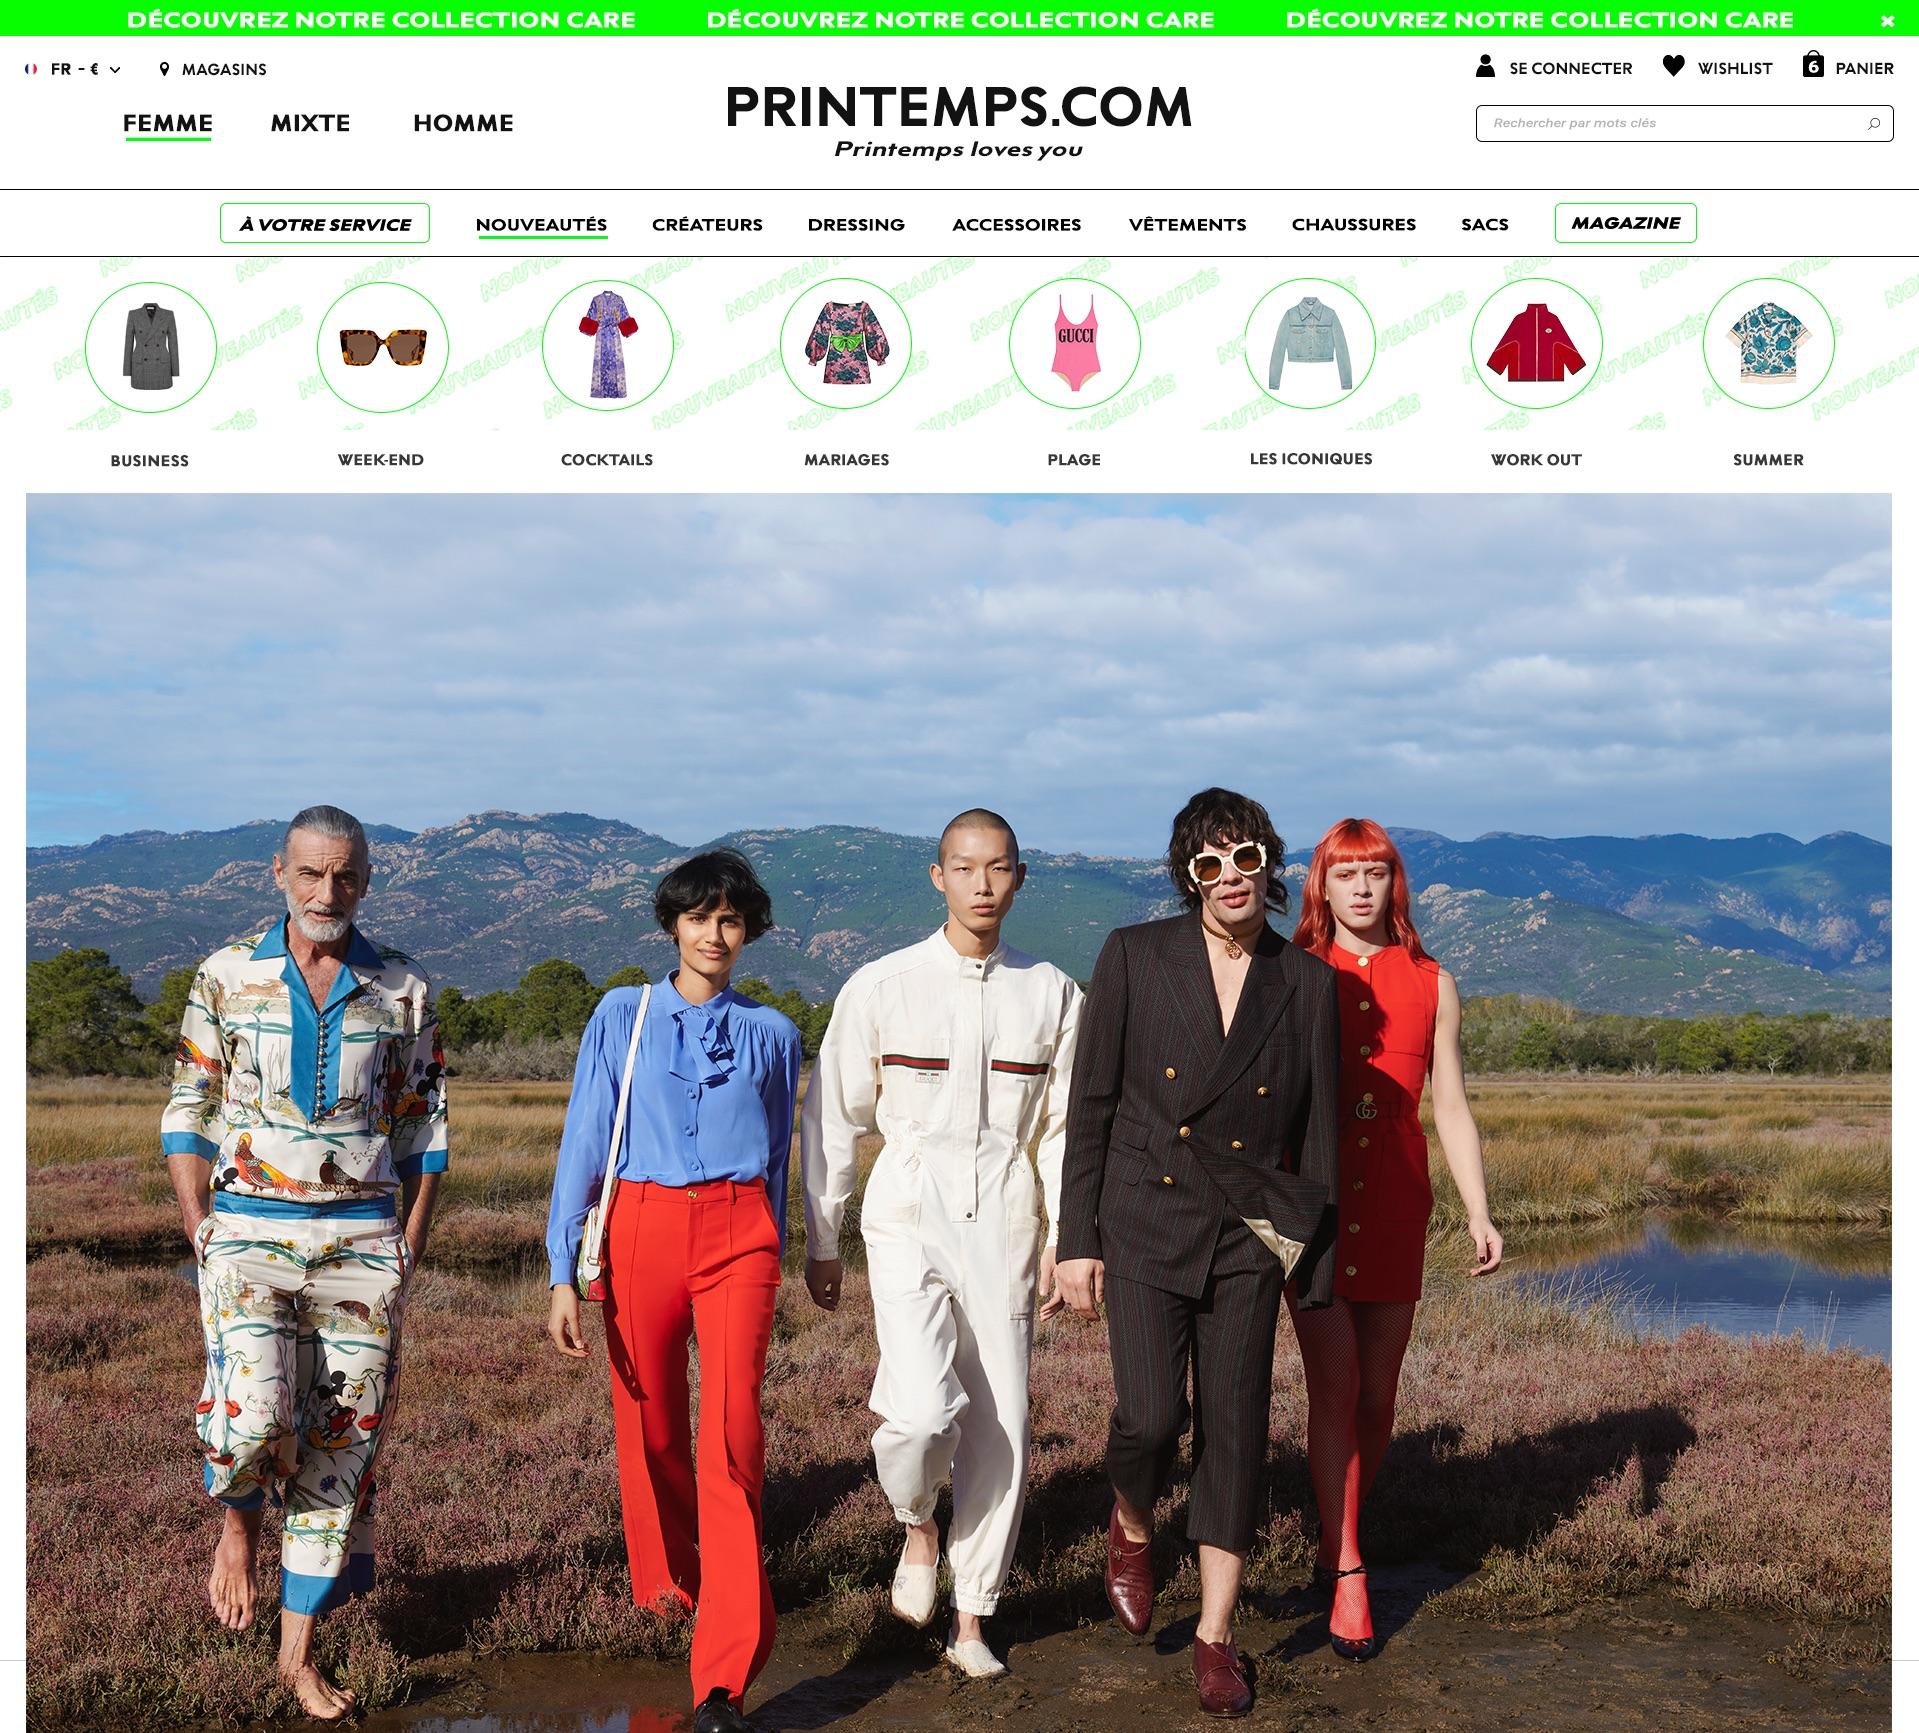 Homepage of Printemps.com